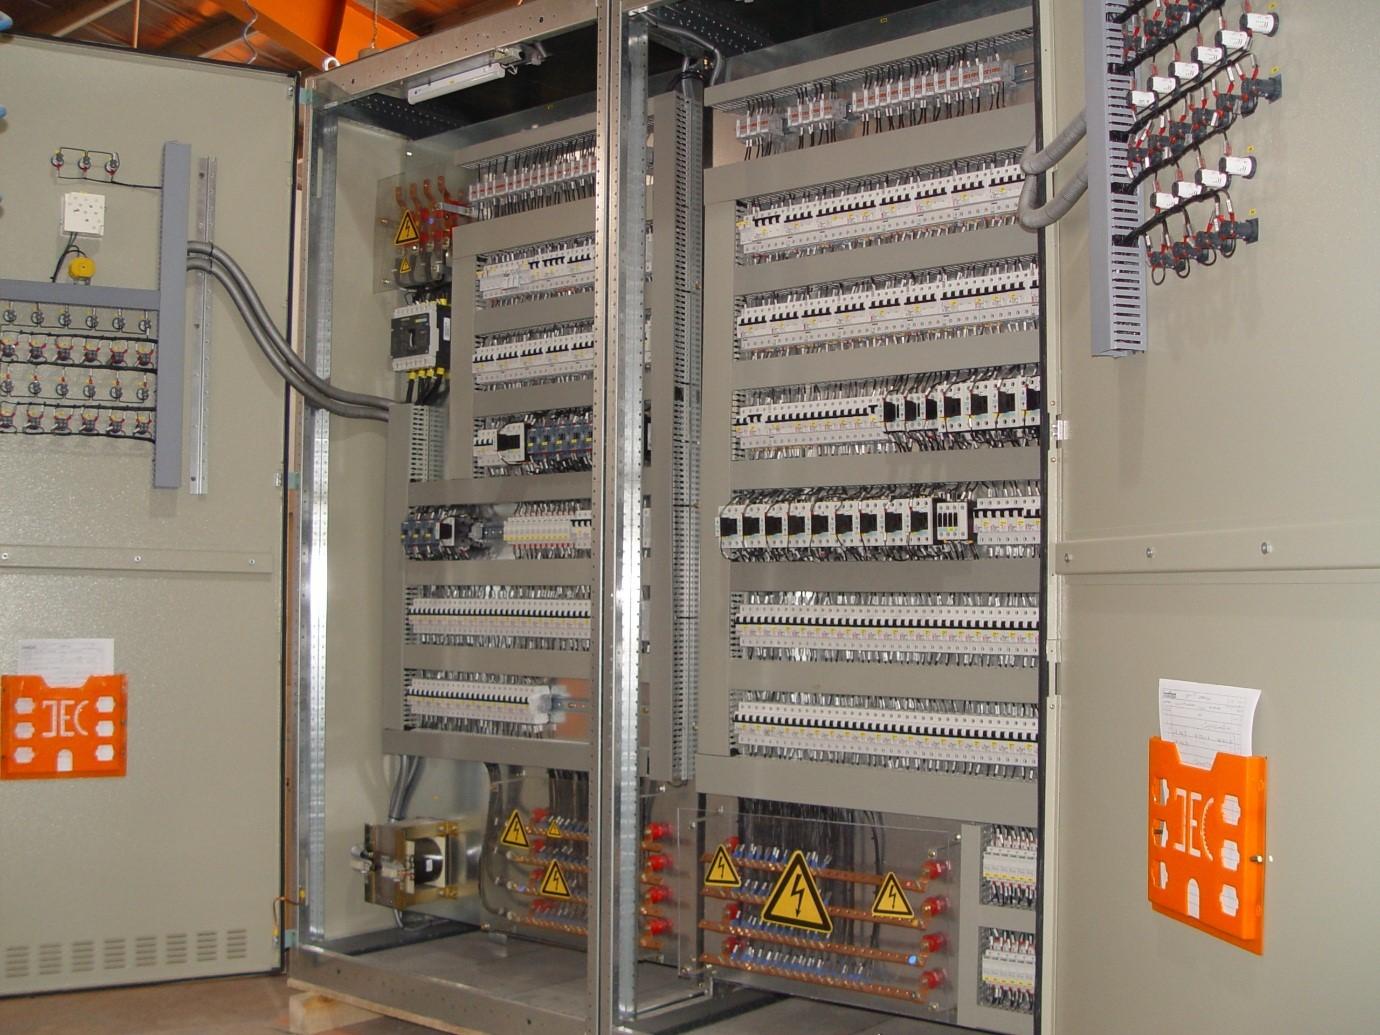 تابلوهای برق ، کابلهای فشار متوسط و ضعيف ، ups ، ابزار دقيق پروژه  پساب مبارکه